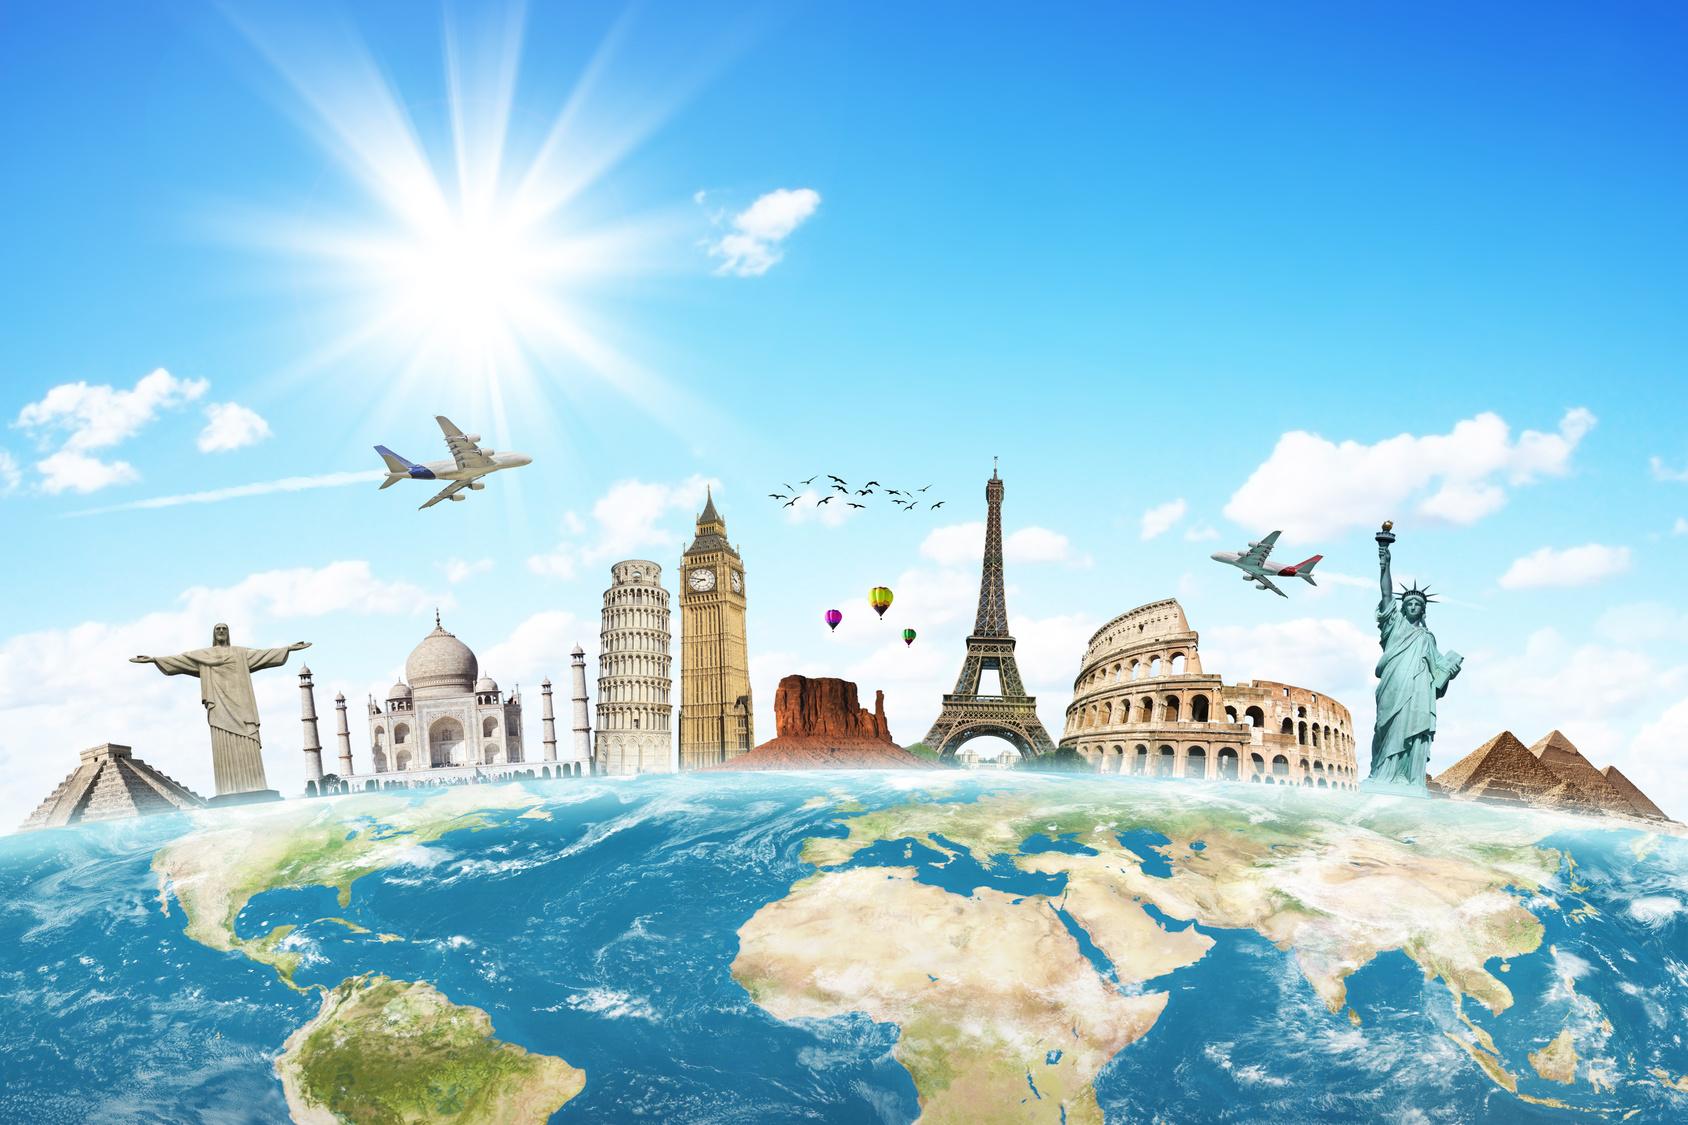 Три месяца бесплатных путешествий: новый конкурс от Pompeii